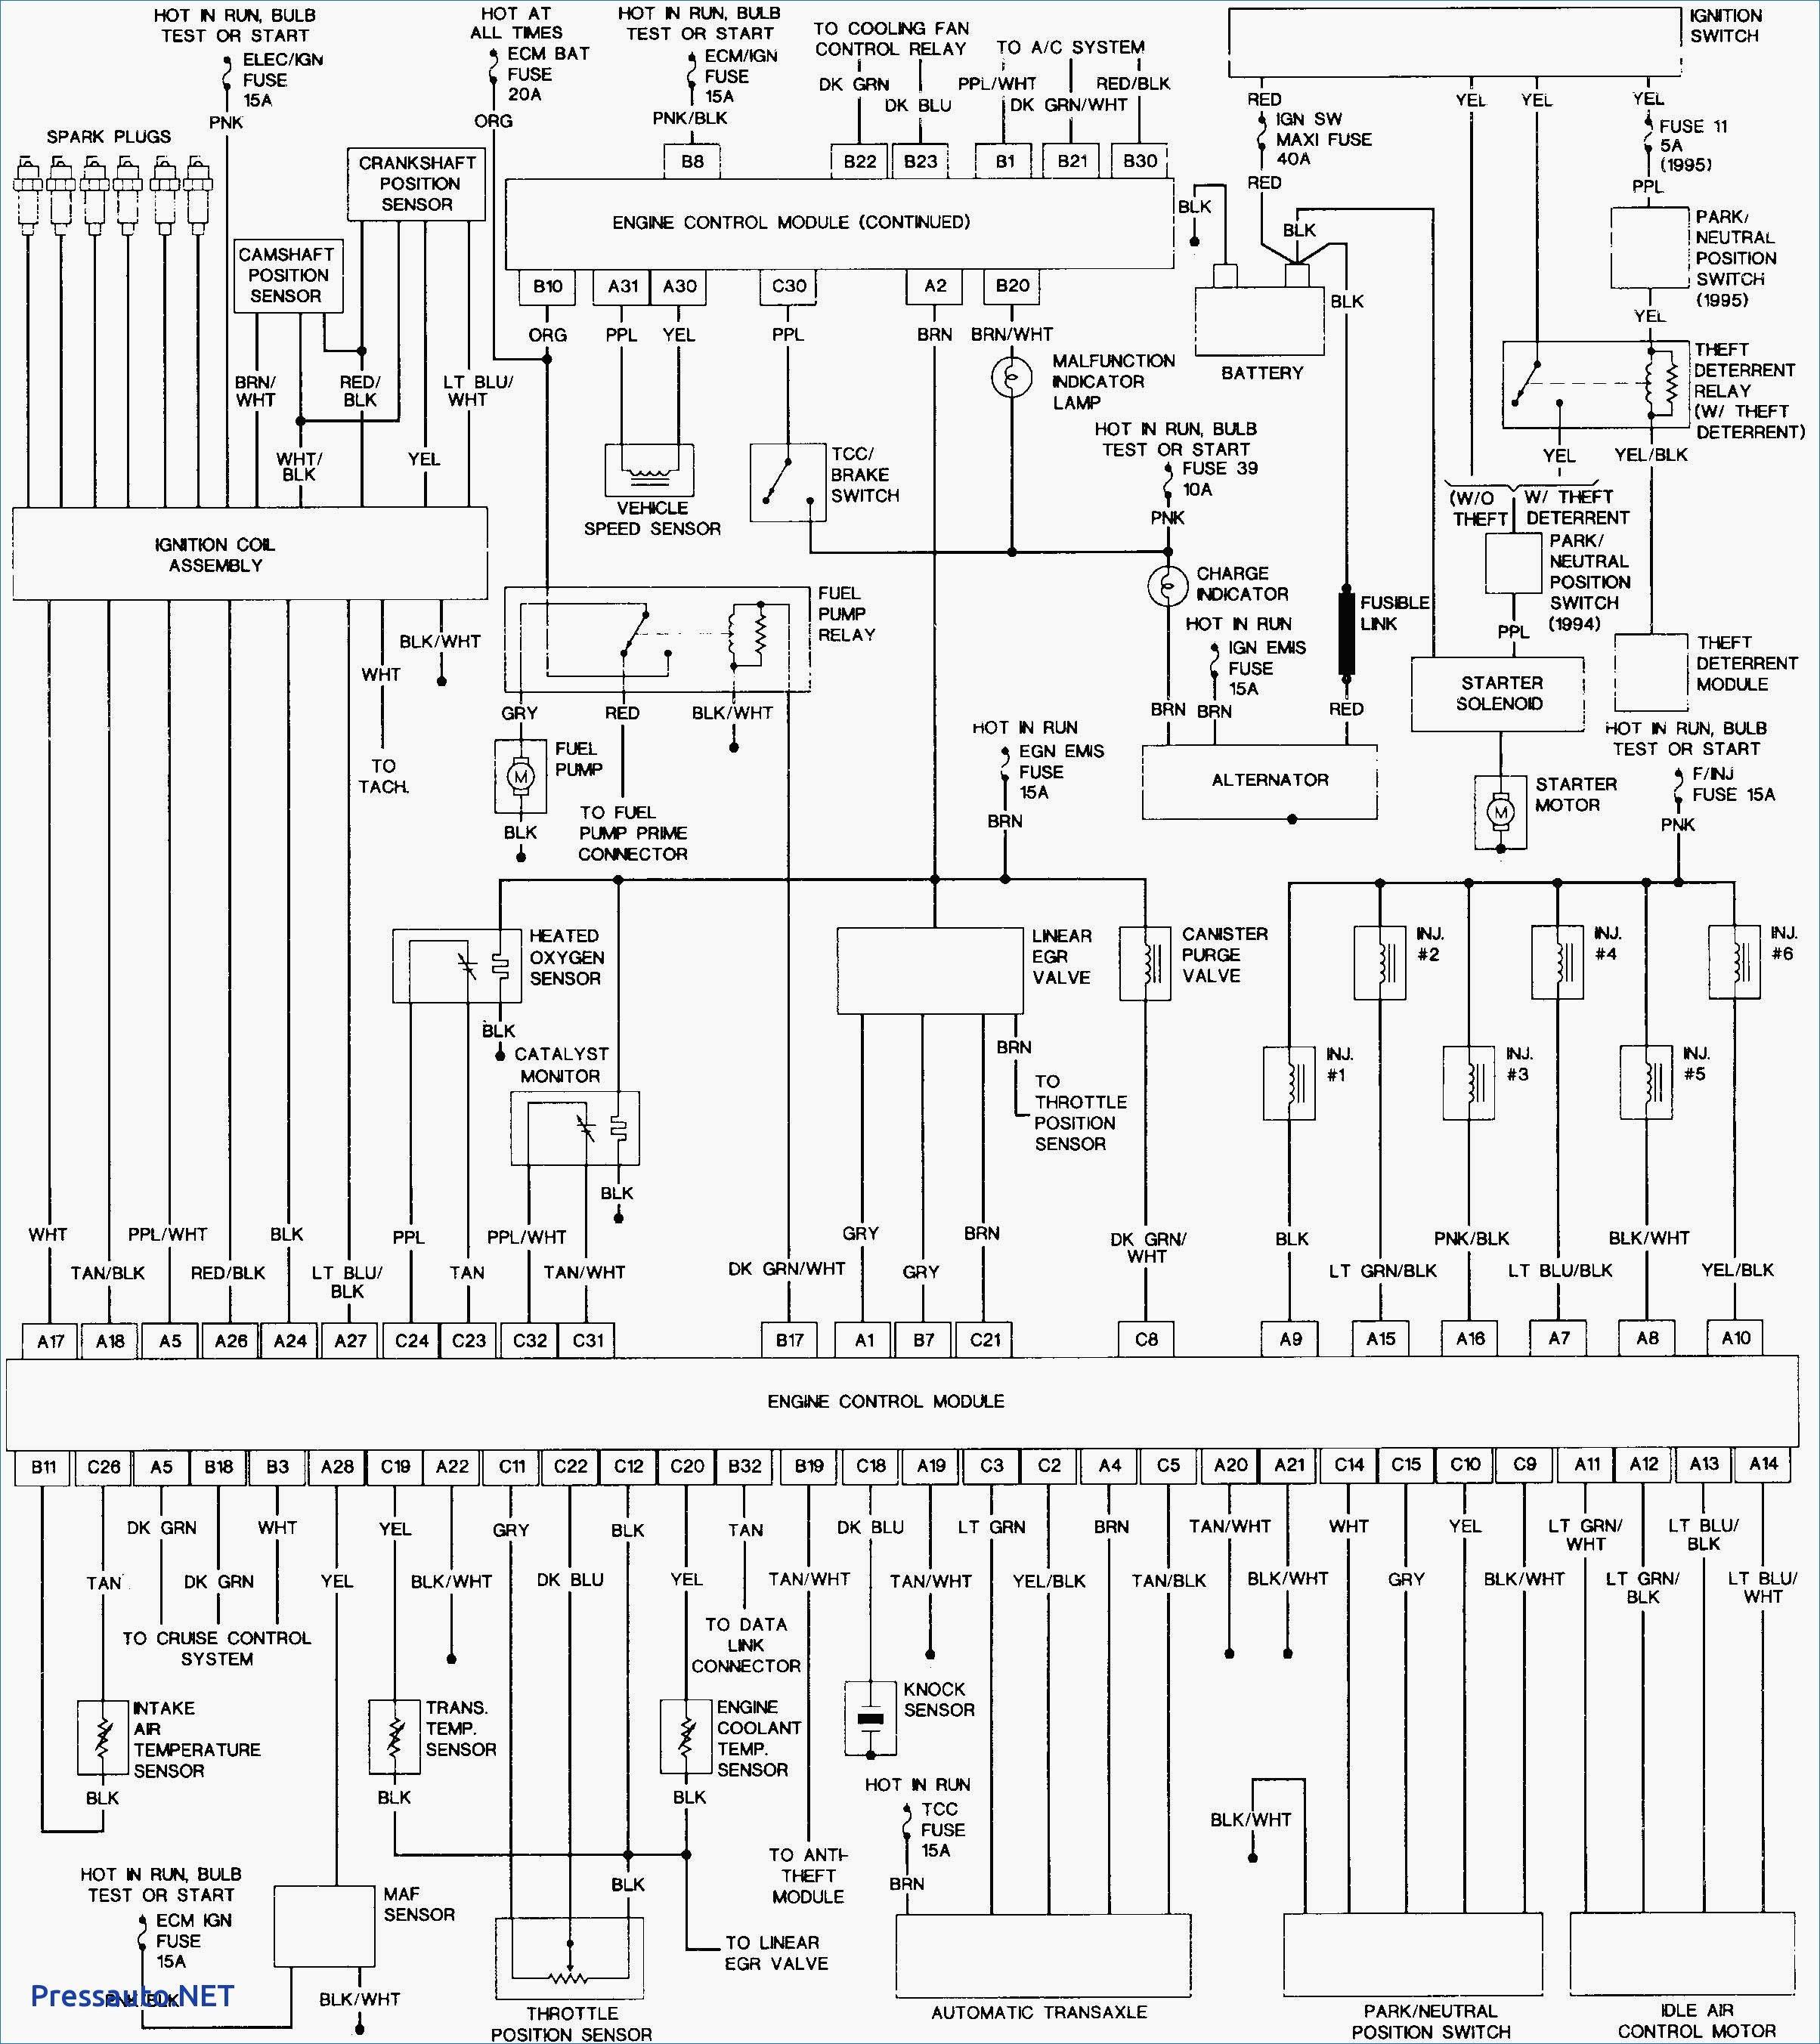 2004 Jetta Engine Diagram Volkswagen Jetta Trailer Wiring Diagram Diagram